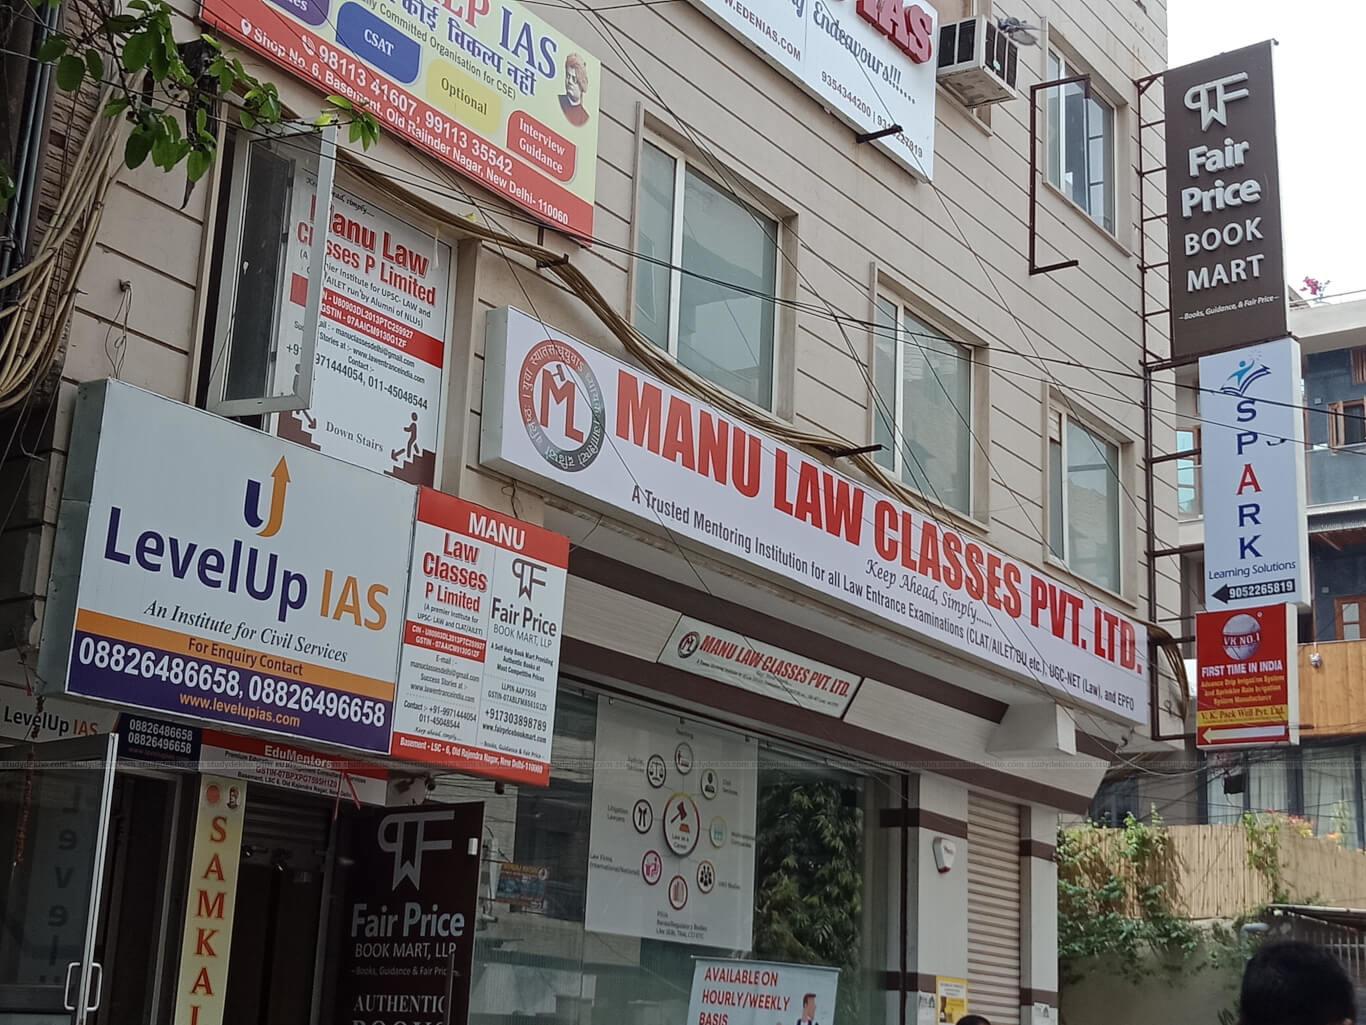 MANU LAW CLASSES PVT. LTD Logo